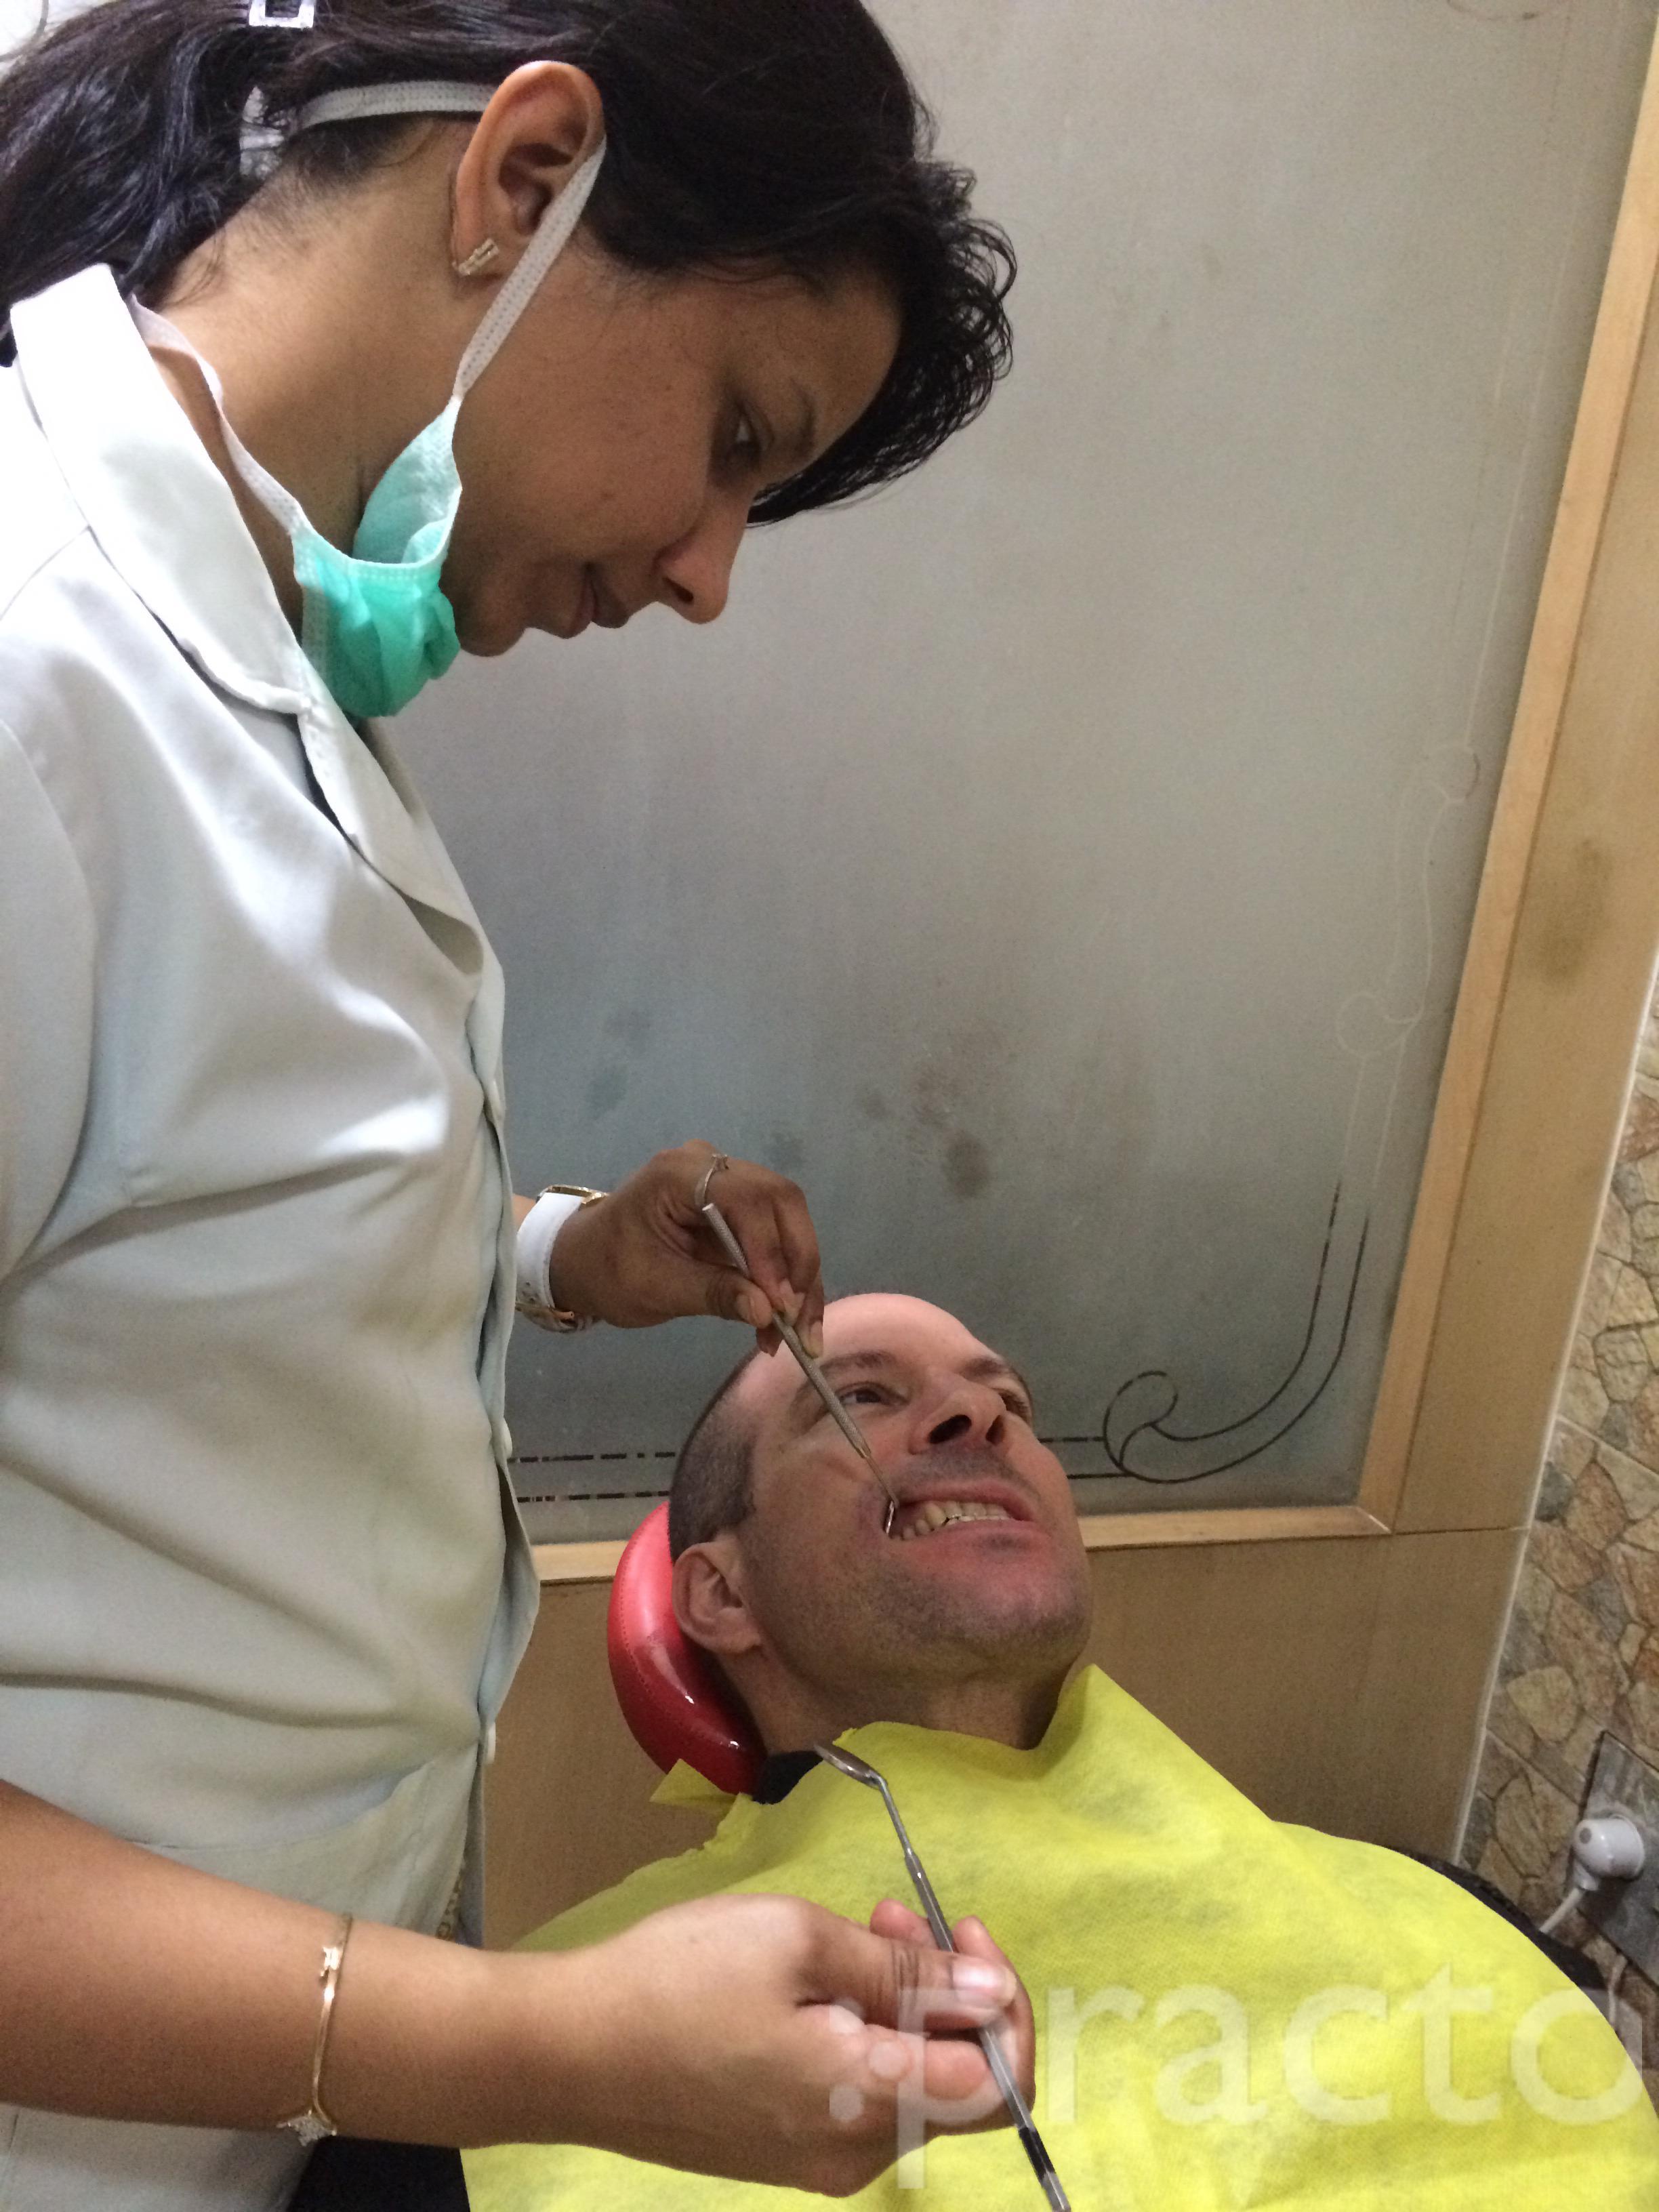 Dr. Archana bansal - Dentist